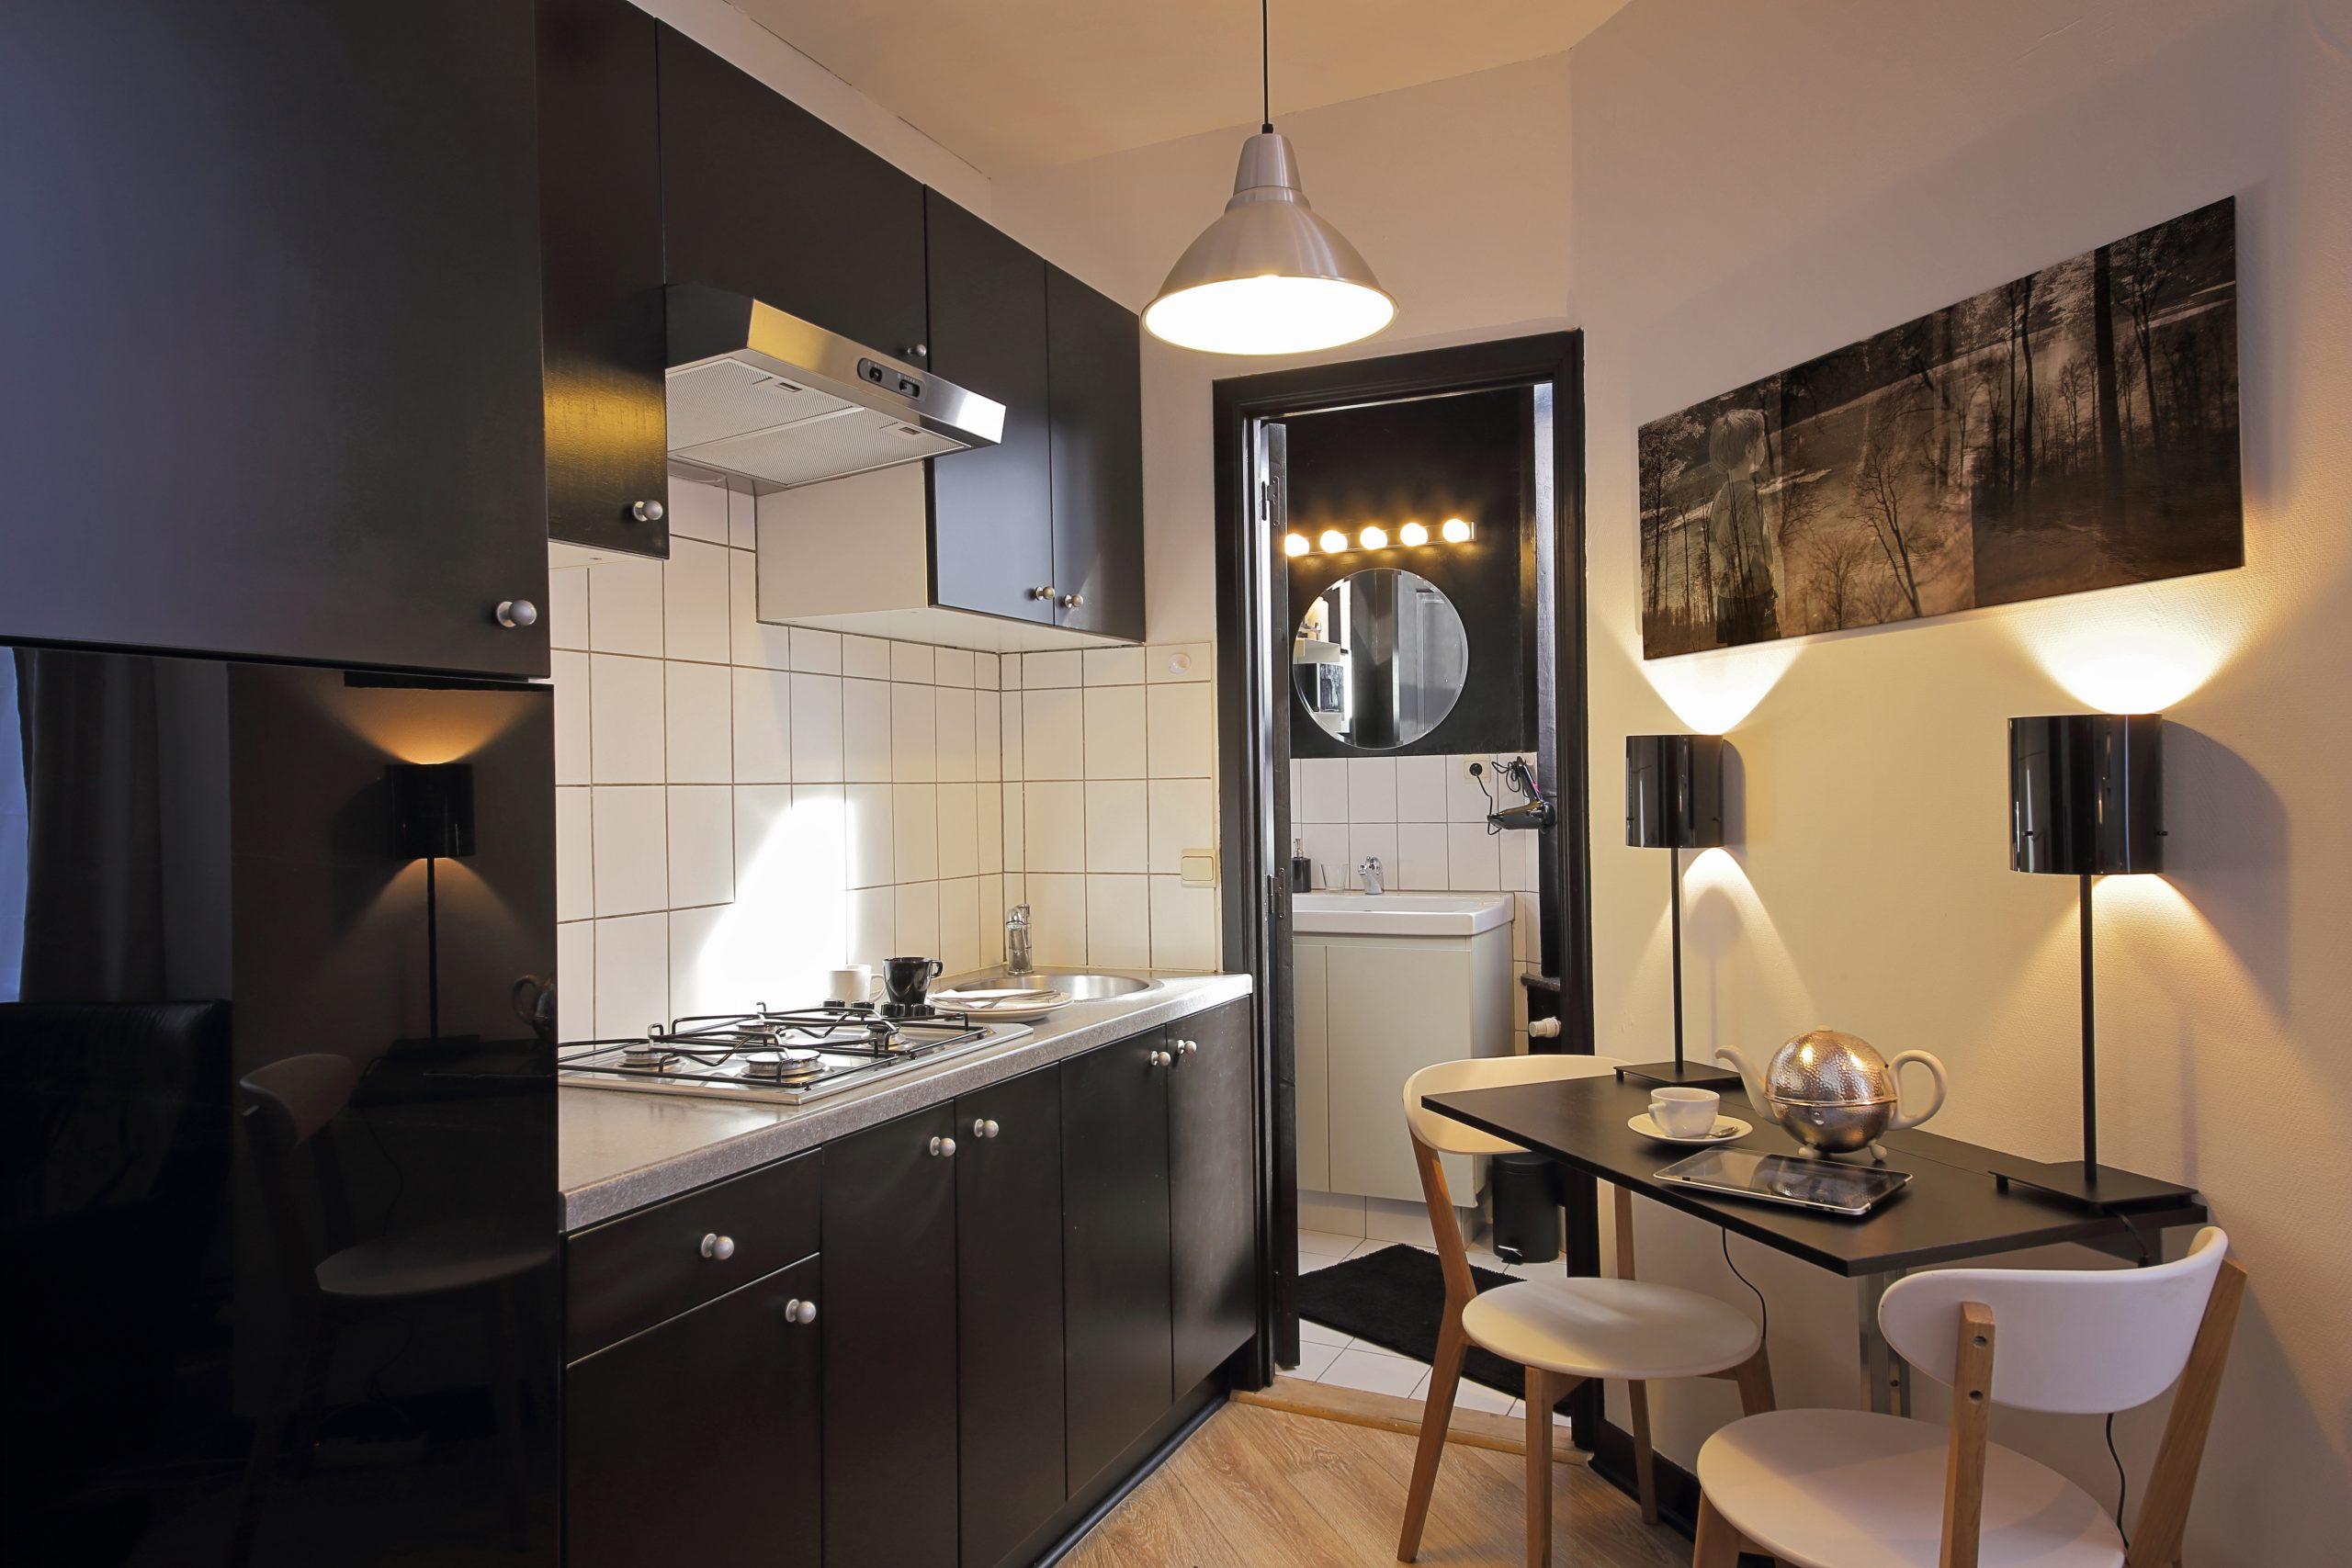 Full Size of Jamie Oliver Küche Einrichten Küche Einrichten Ideen Küche Einrichten Shabby Chic Kleine Küche Einrichten Pinterest Küche Küche Einrichten